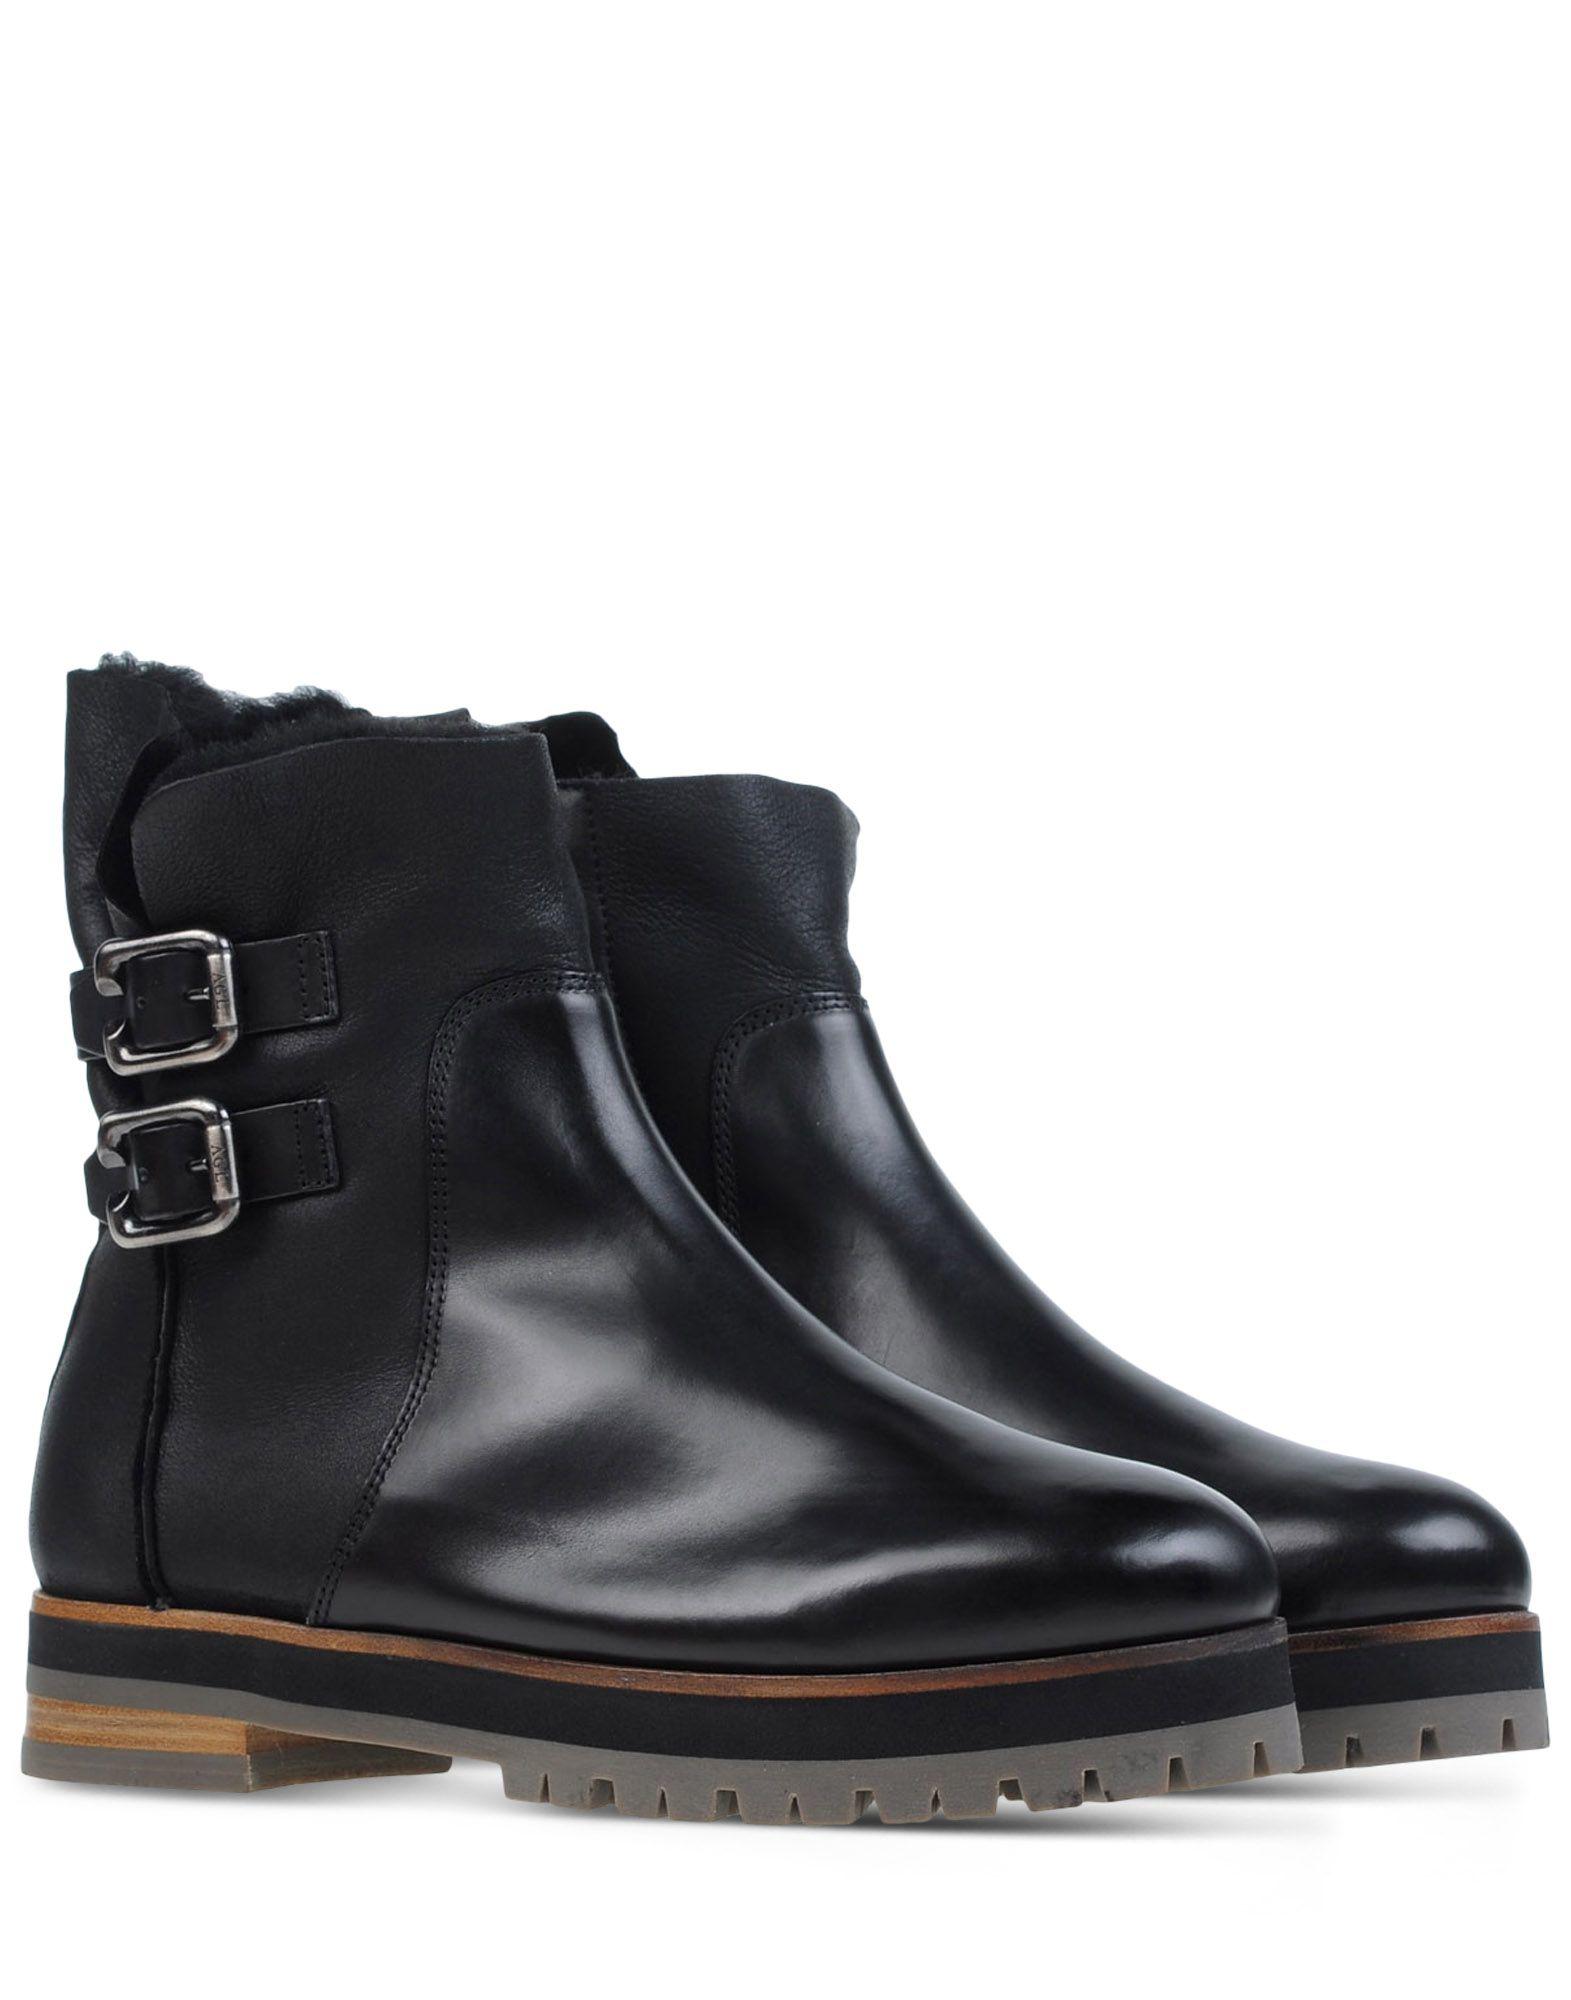 Agl attilio giusti leombruni Leather Ankle Boots in Black ...